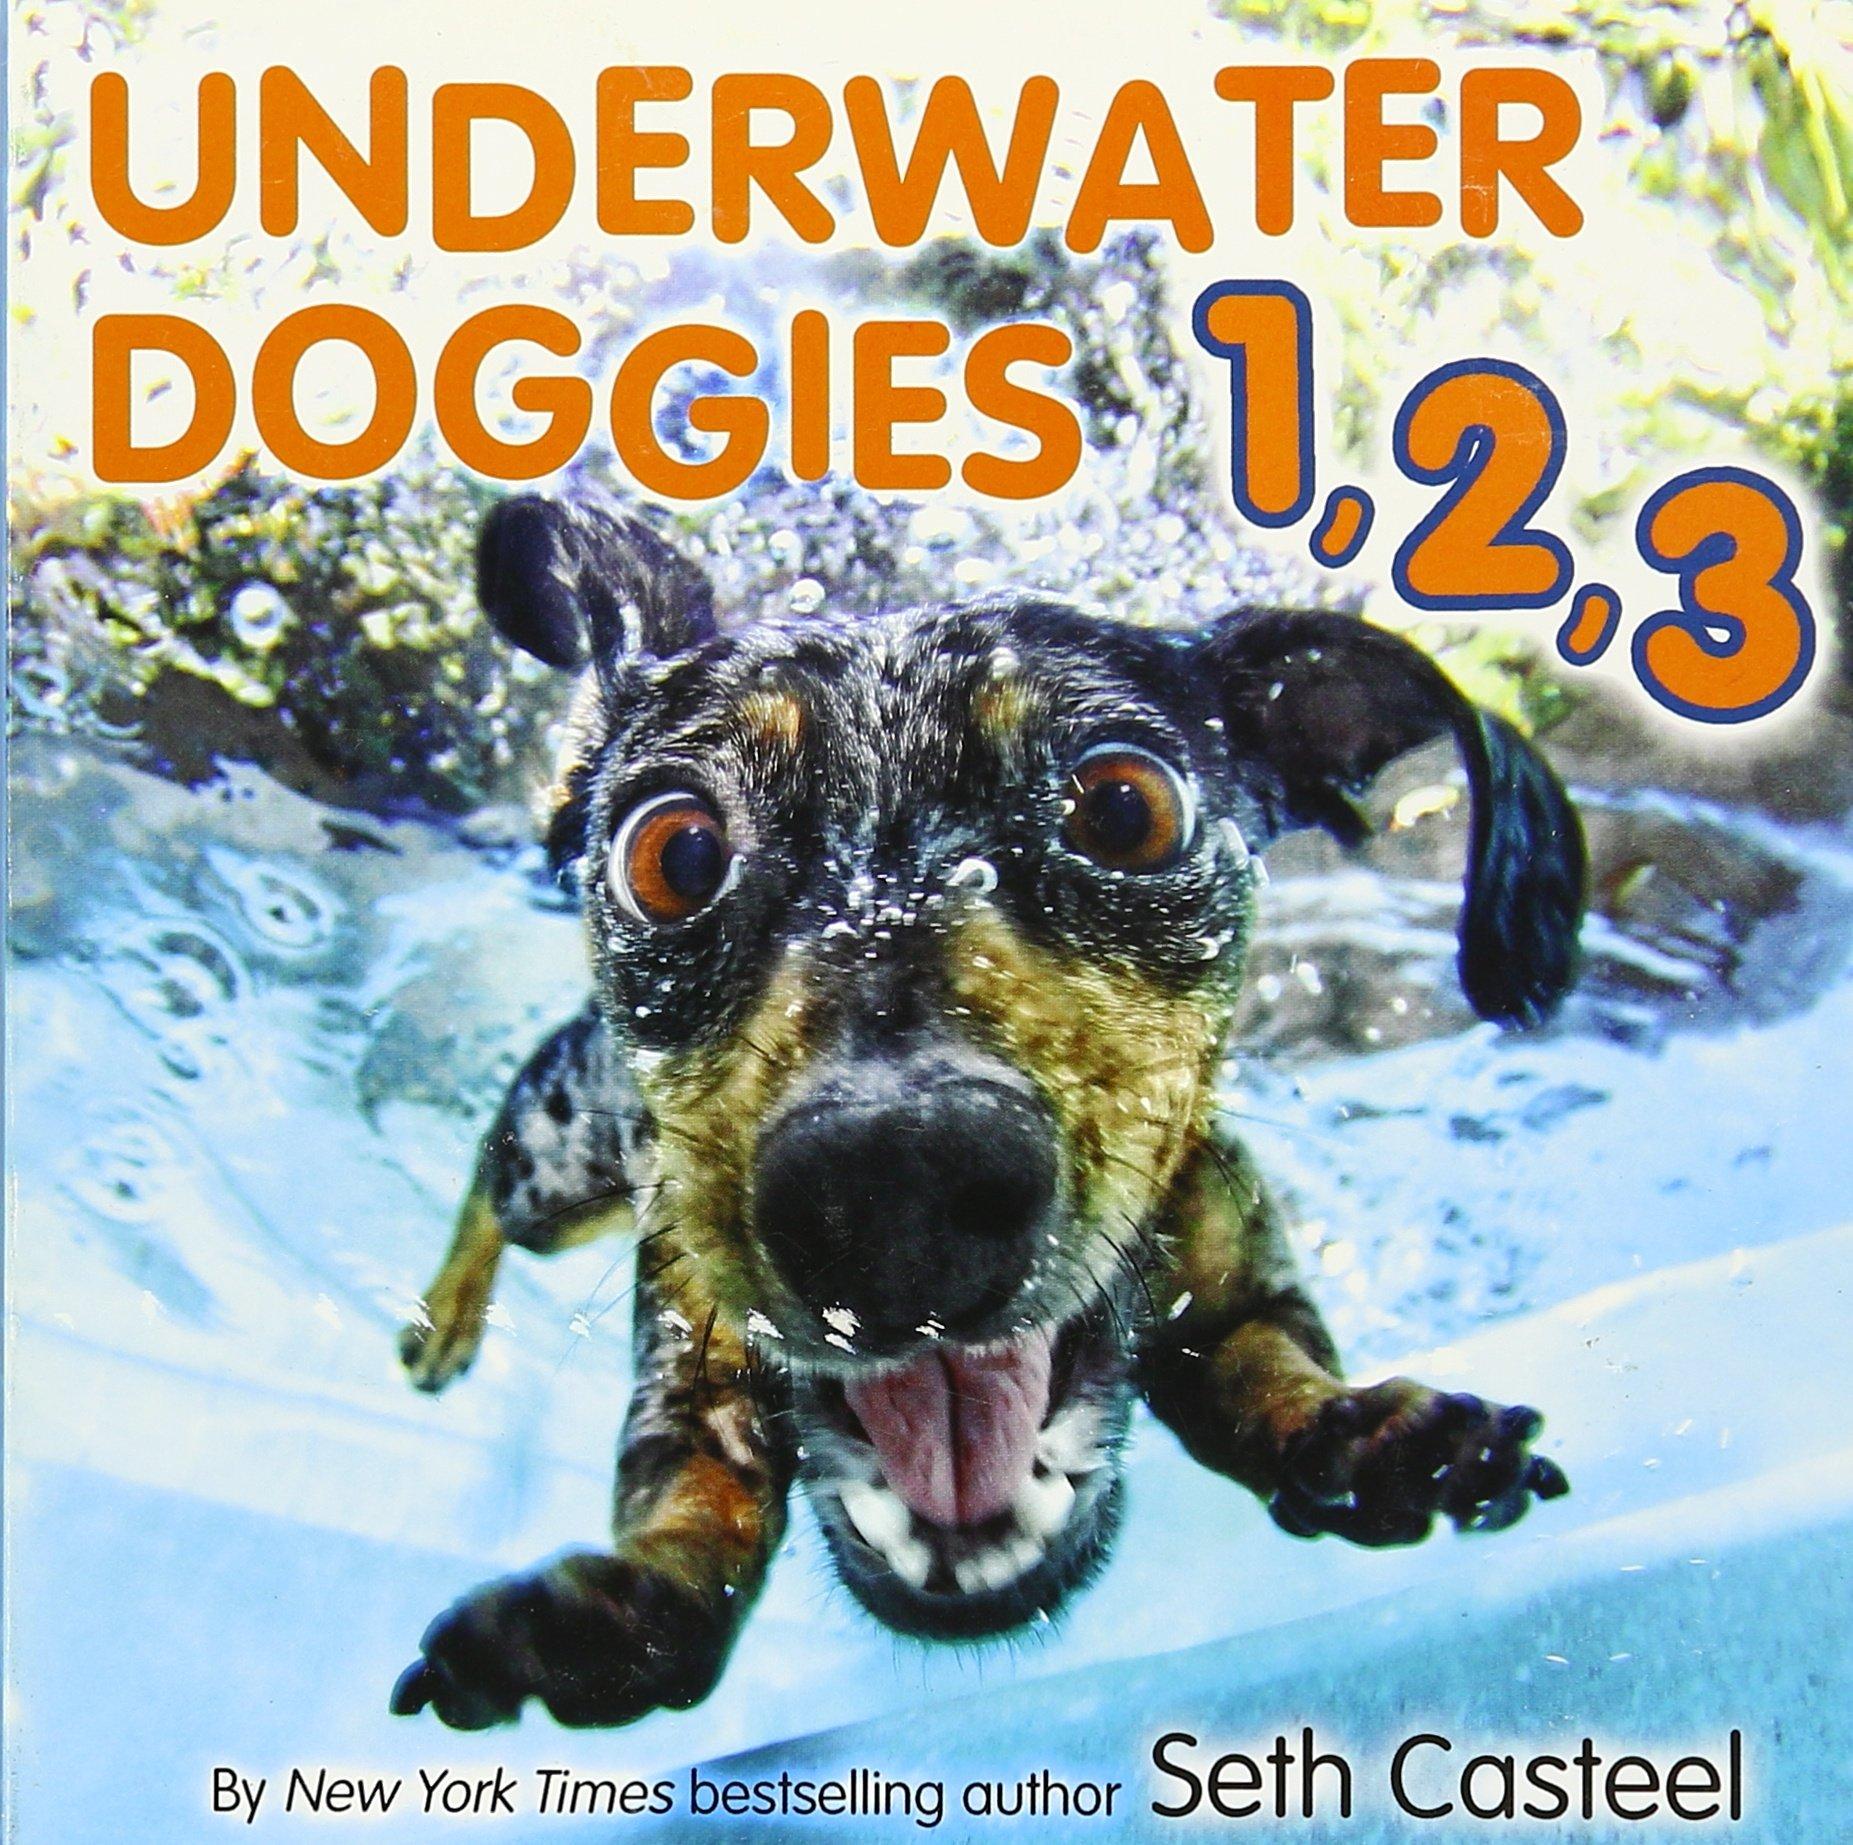 Underwater Doggies 1 2 3